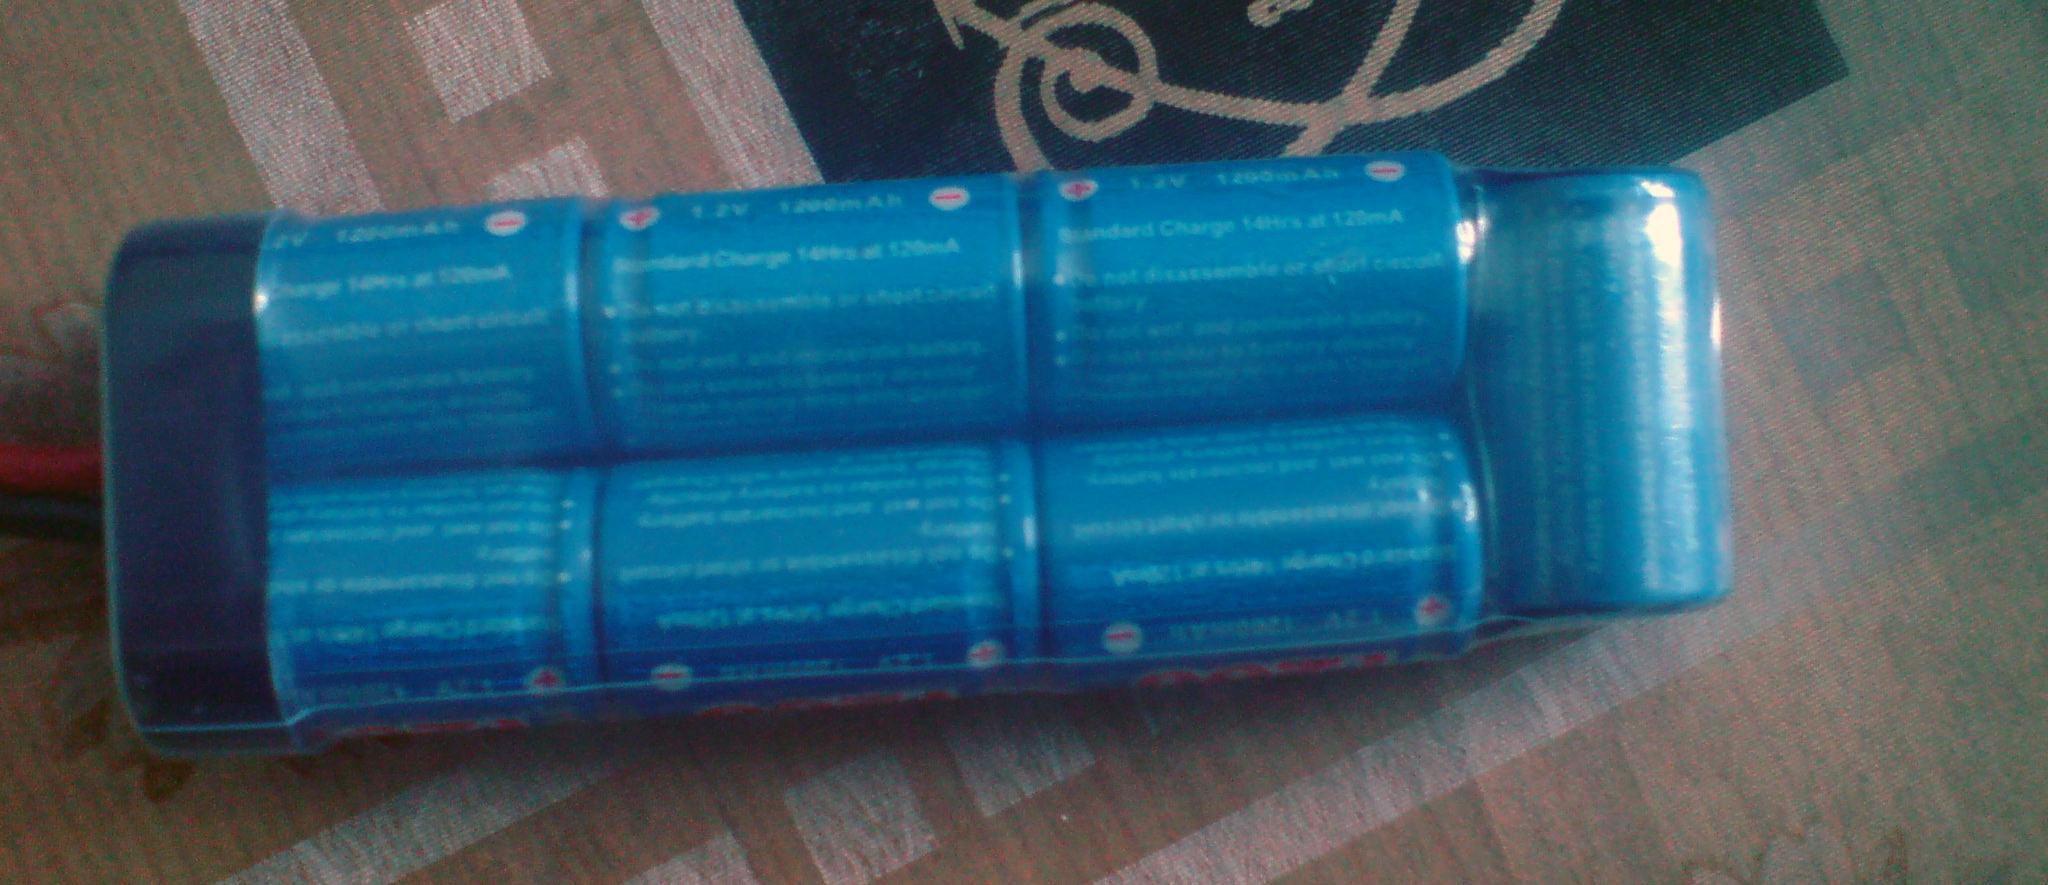 Страйкбольная модель автомата m4a1 agm ris гирбокс: 2-я версия мотор: штатный, фирмы-производителя длина: 767-849